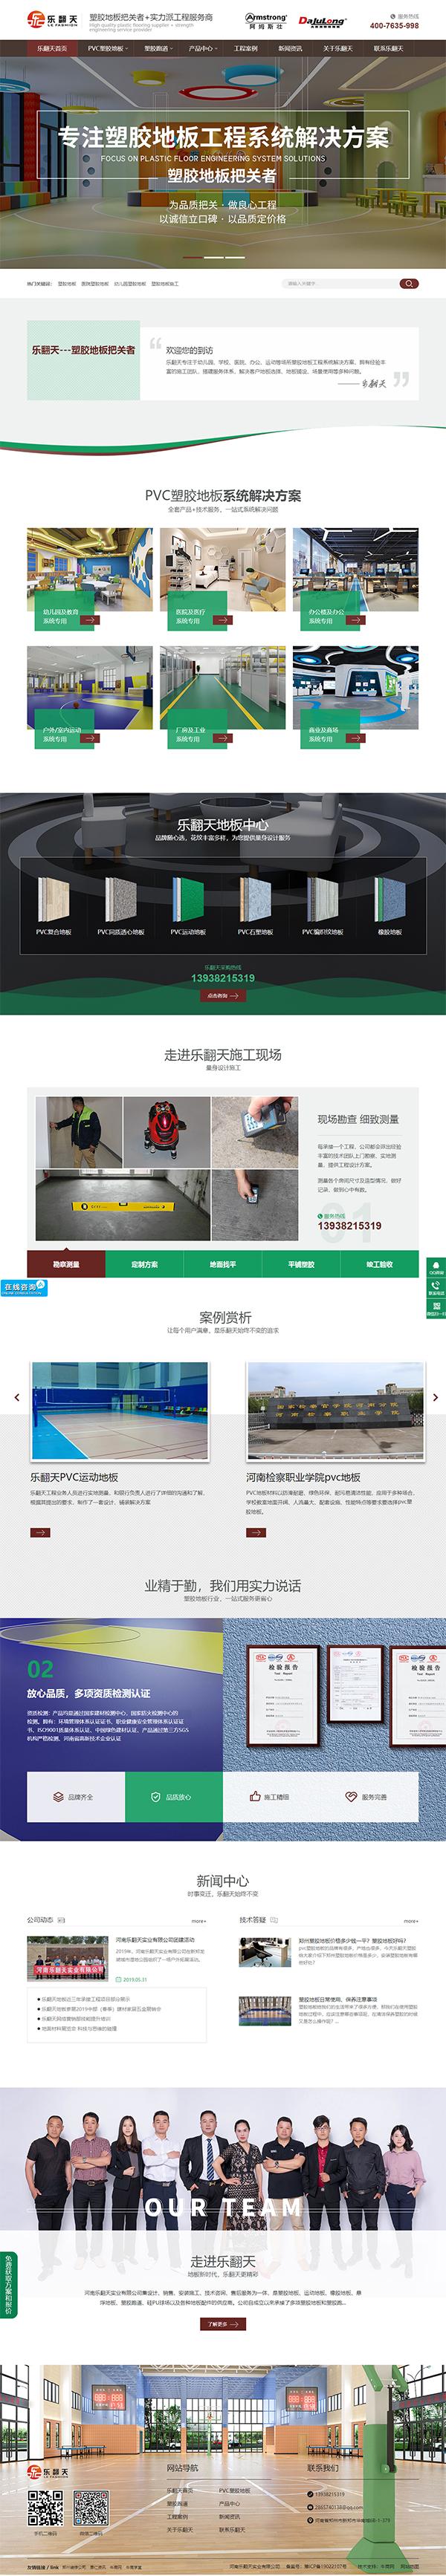 河南乐翻天实业-龙8国际龙88型龙8国际官网首页首页截图